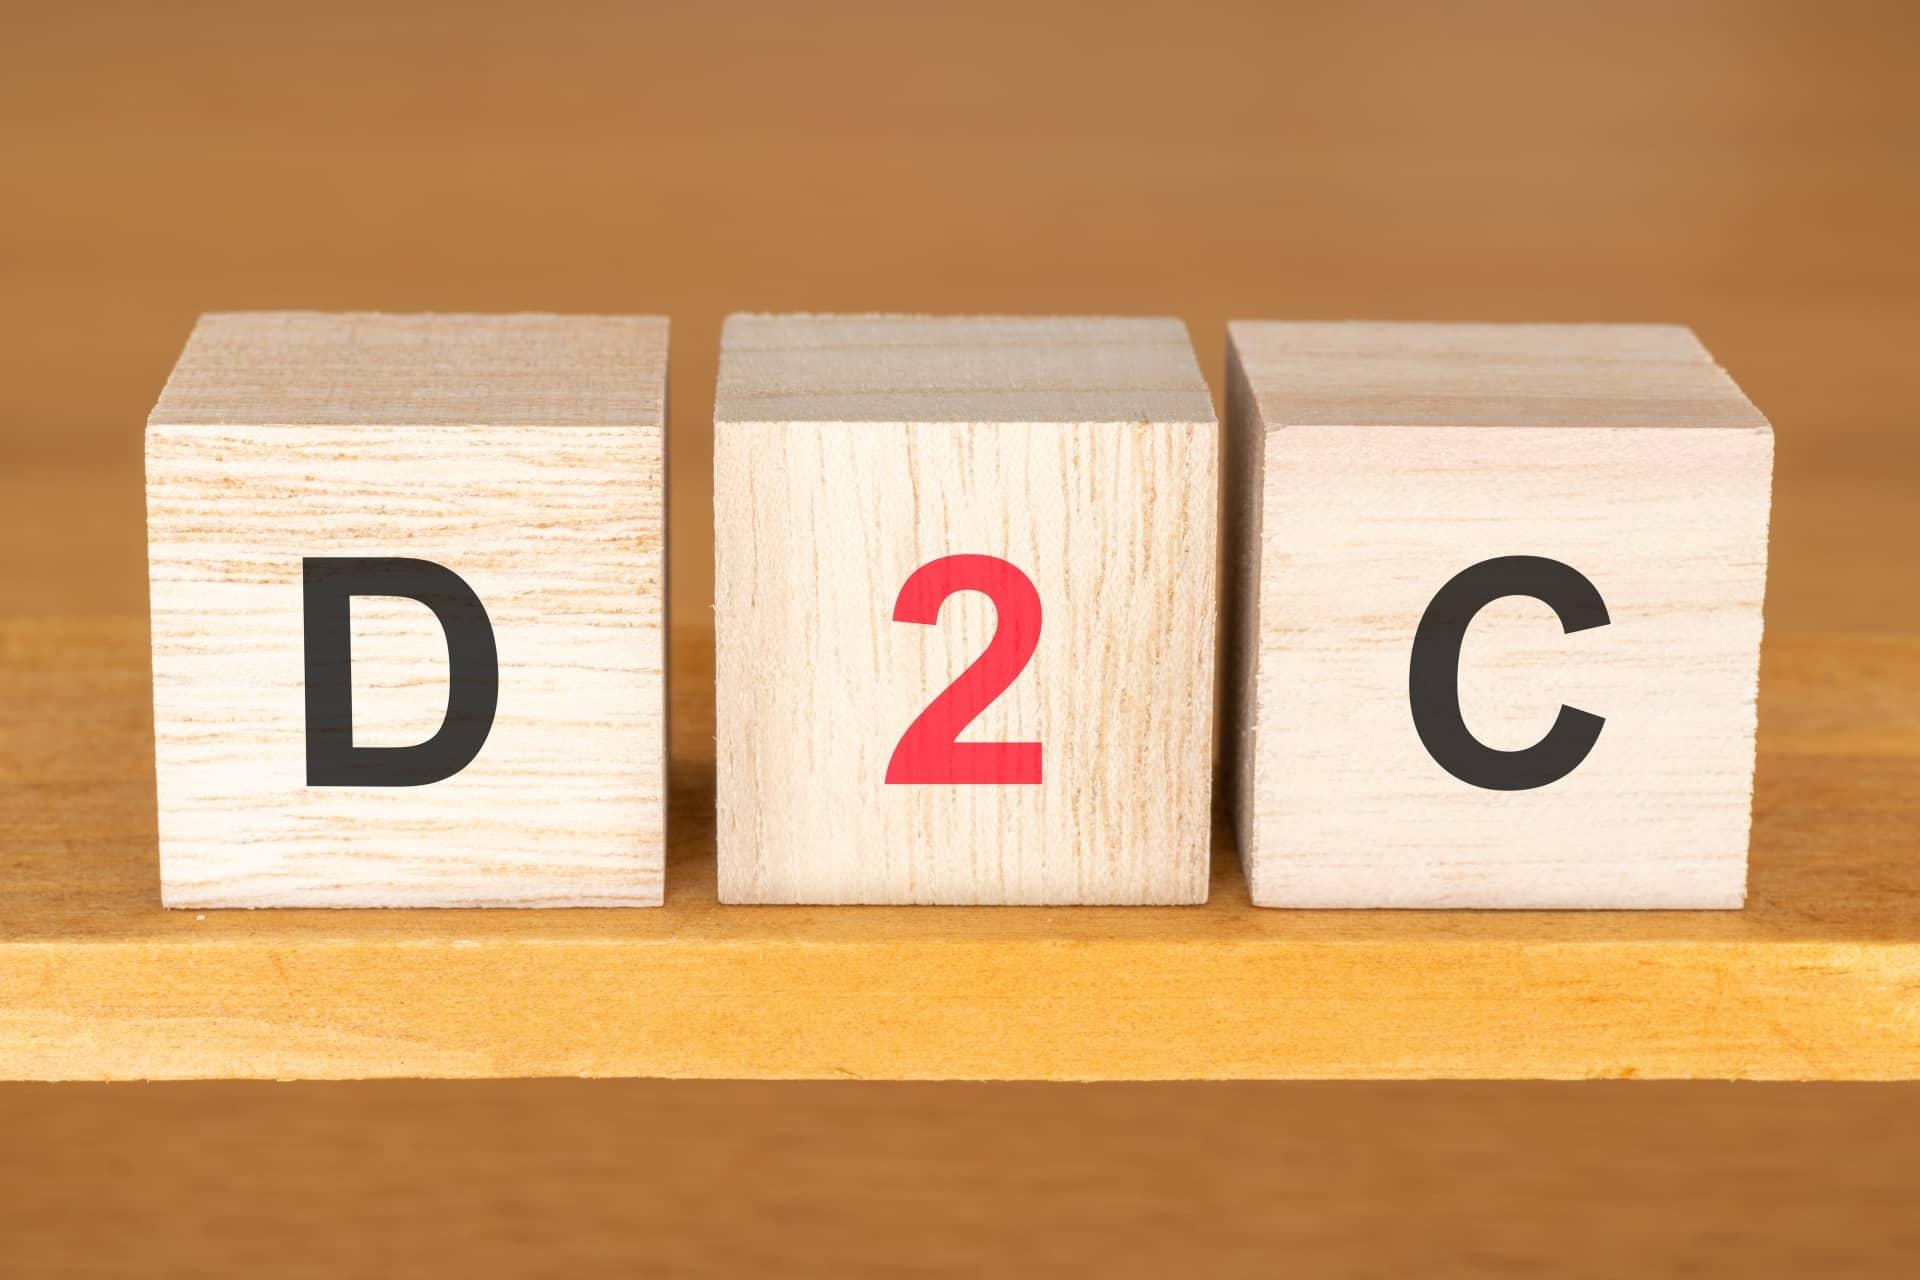 【初心者向け】D2Cとは?意味、特徴、成功事例まで徹底解説